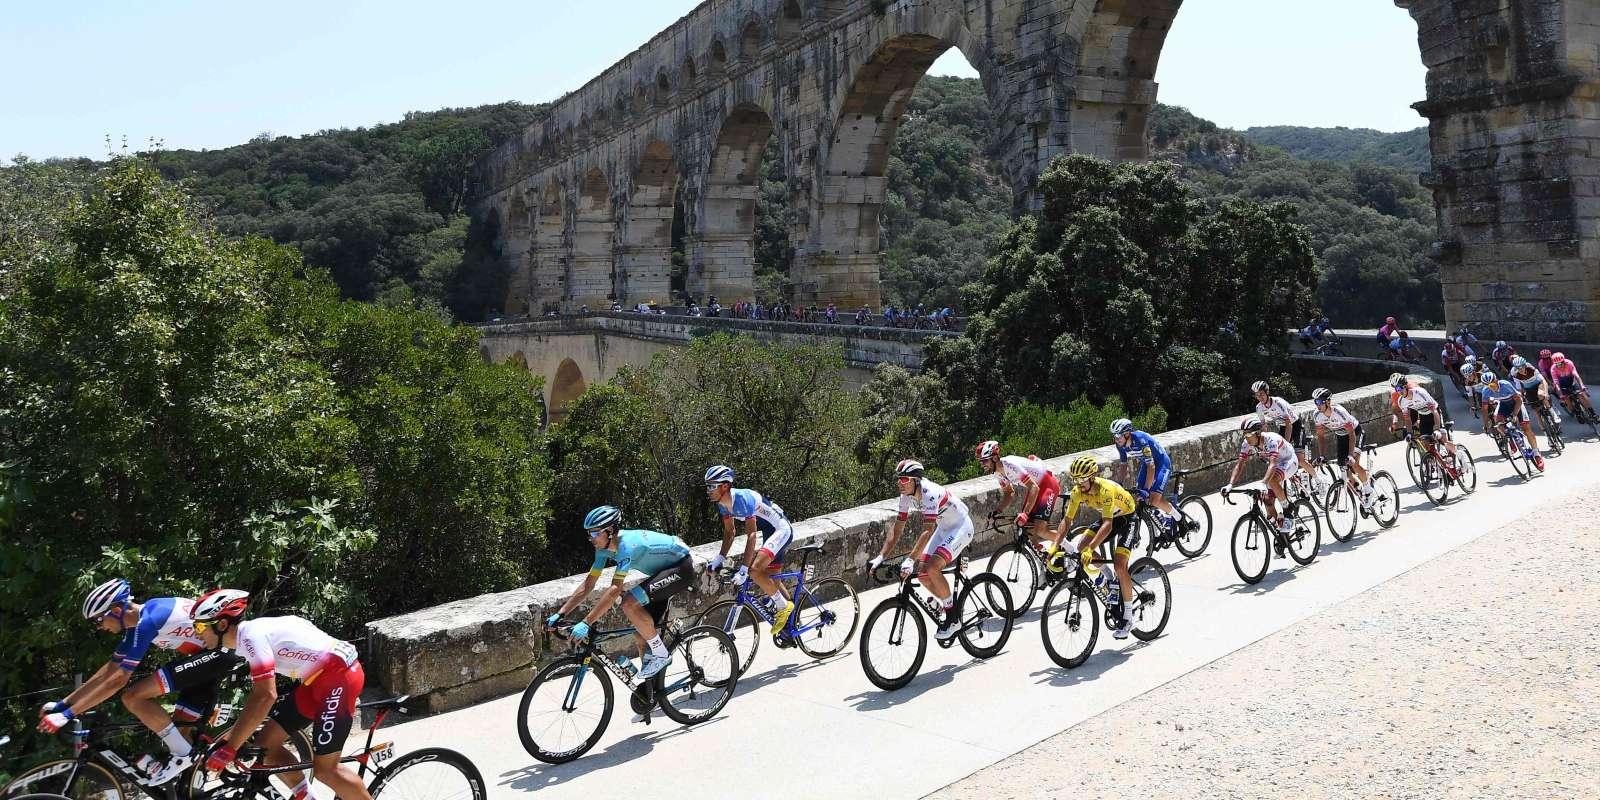 La traversée du Pont du Gard lors de la 16e étape.